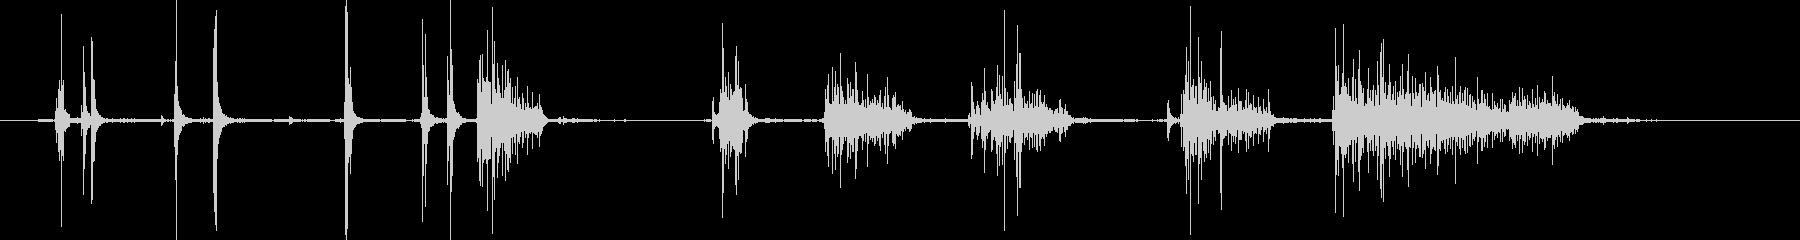 フィクション 電力装置 スパーク04の未再生の波形